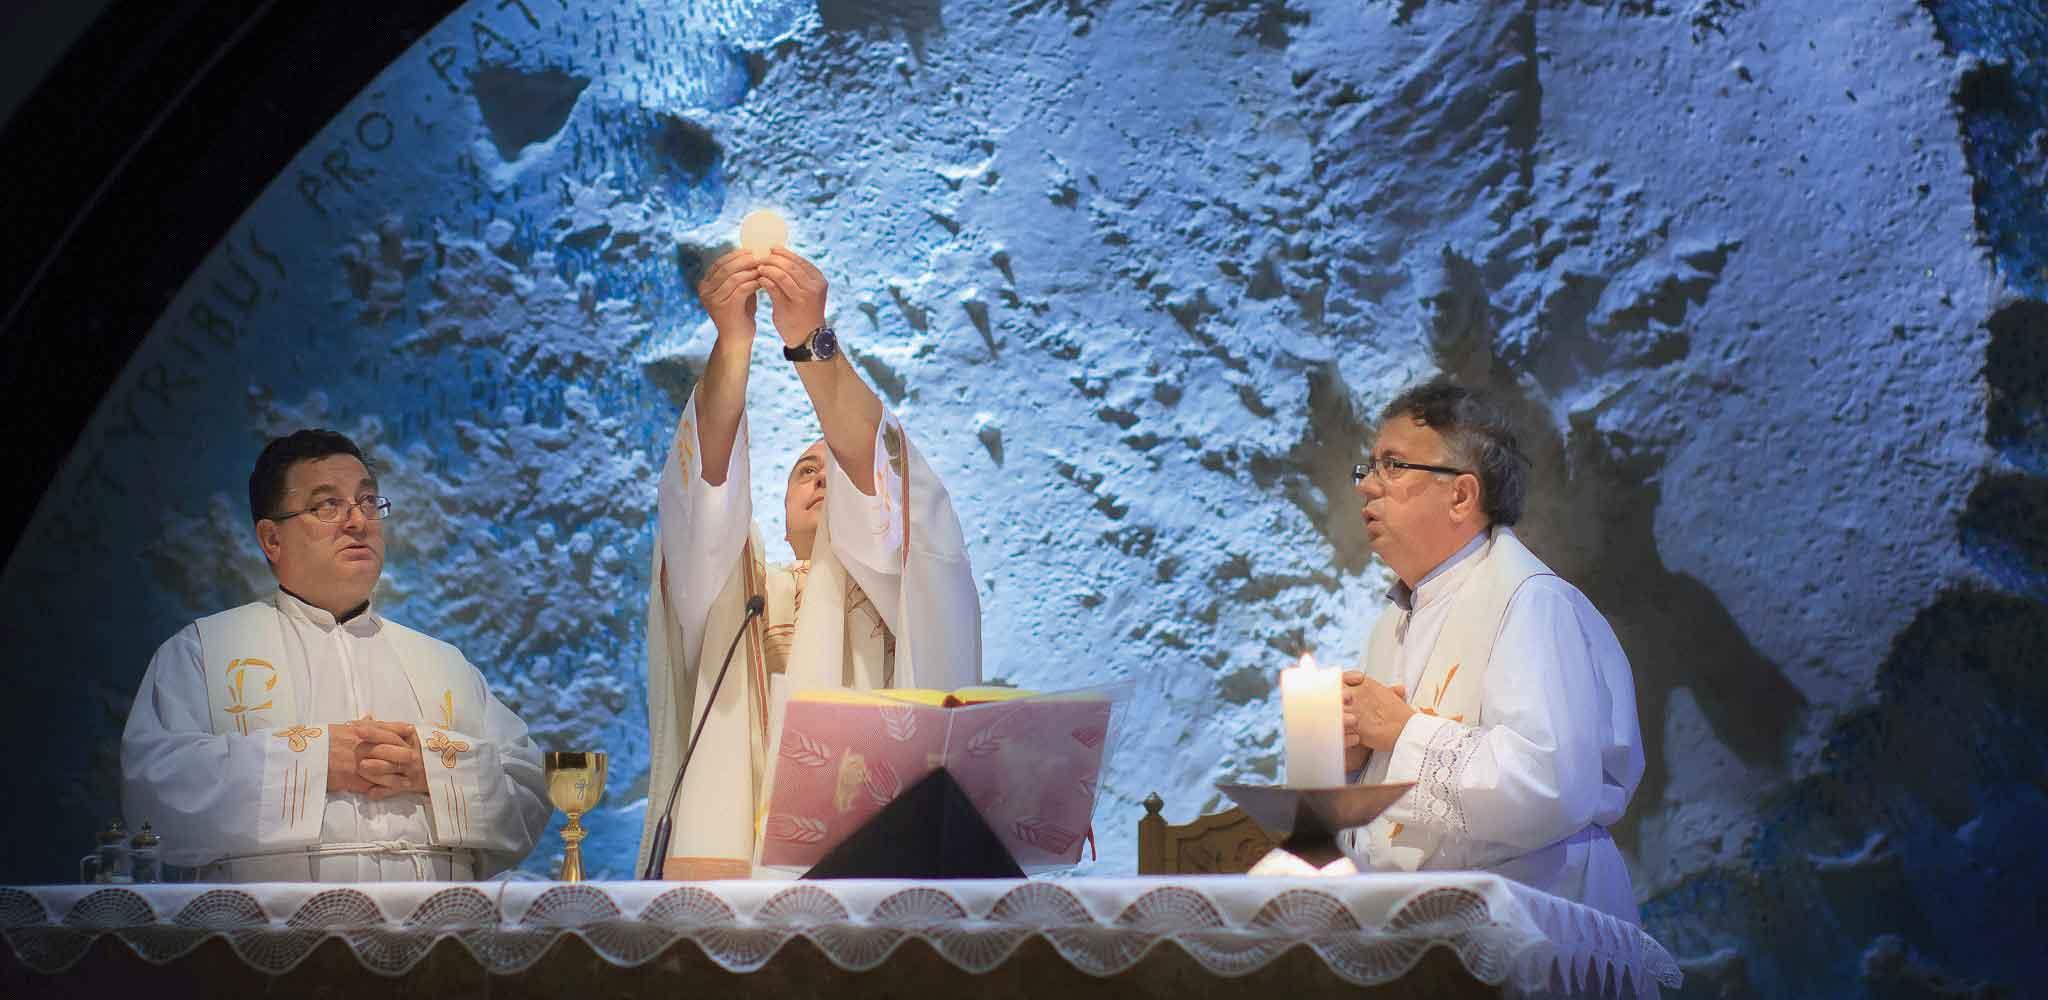 Damir Stojić, Bazilika Srca Isusova, Glasnik, Glasnik Srca Isusova i Marijina